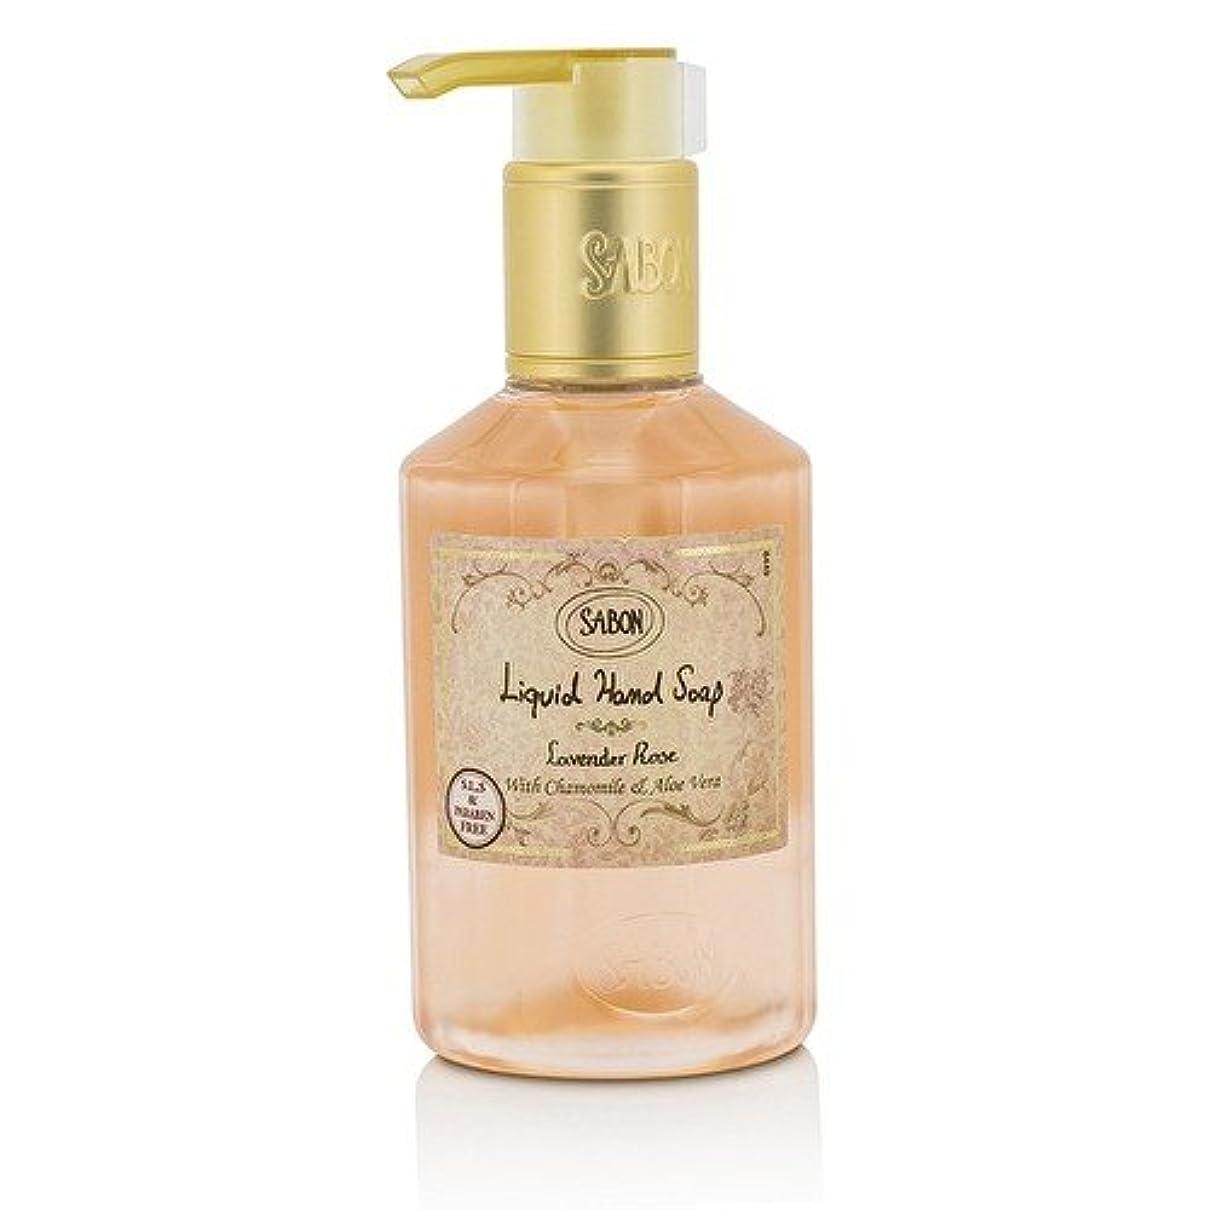 強大な上流の似ているサボン Liquid Hand Soap - Lavender Rose 200ml/7oz並行輸入品